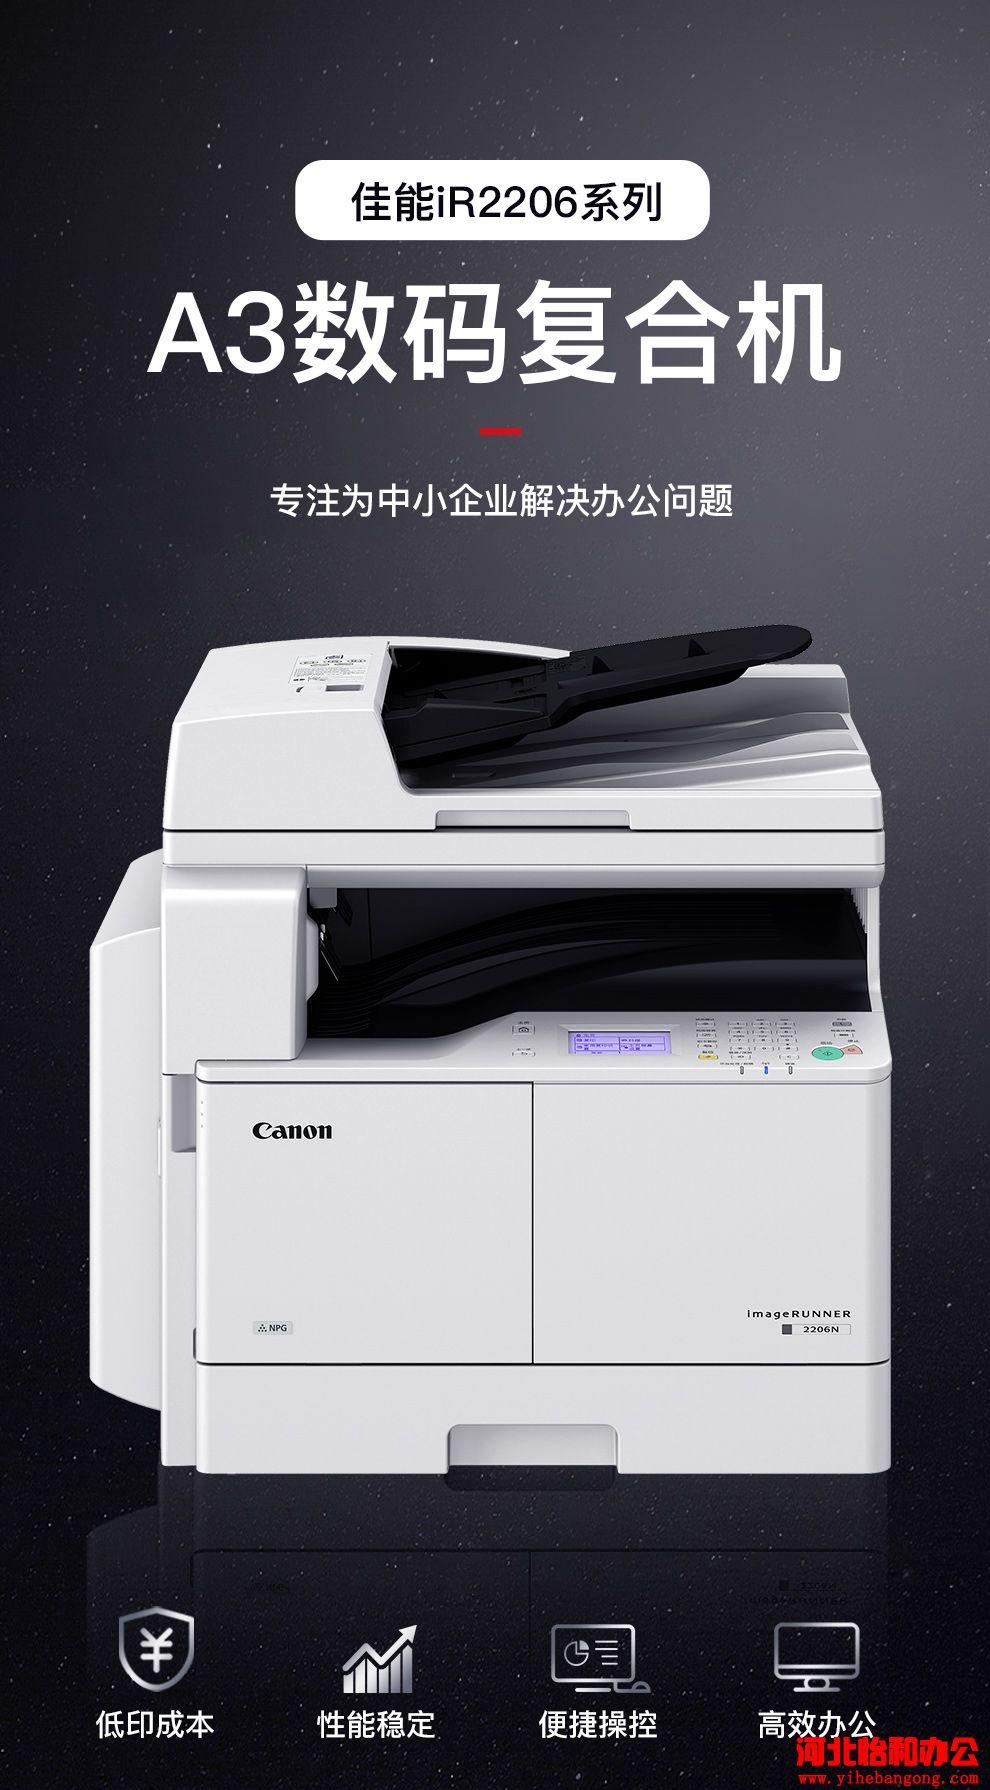 佳能2206复印机进维修模式